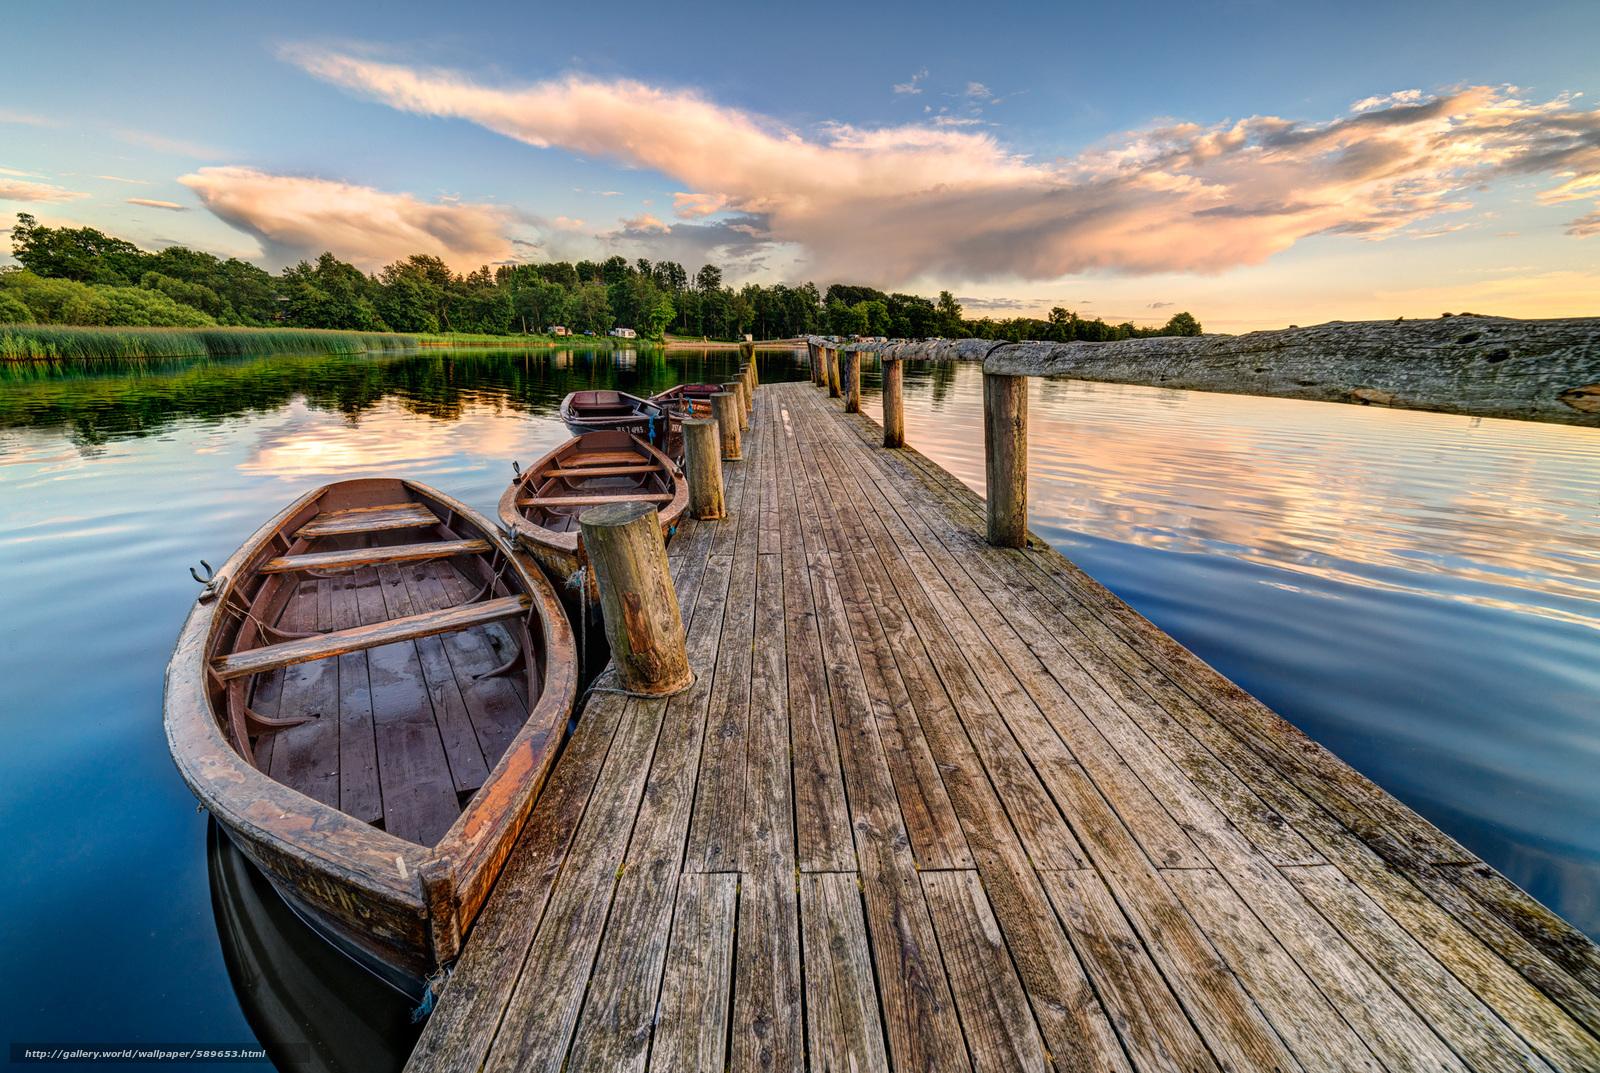 下载壁纸 耶林, 丹麦, 湖, 桥 免费为您的桌面分辨率的壁纸 2048x1374